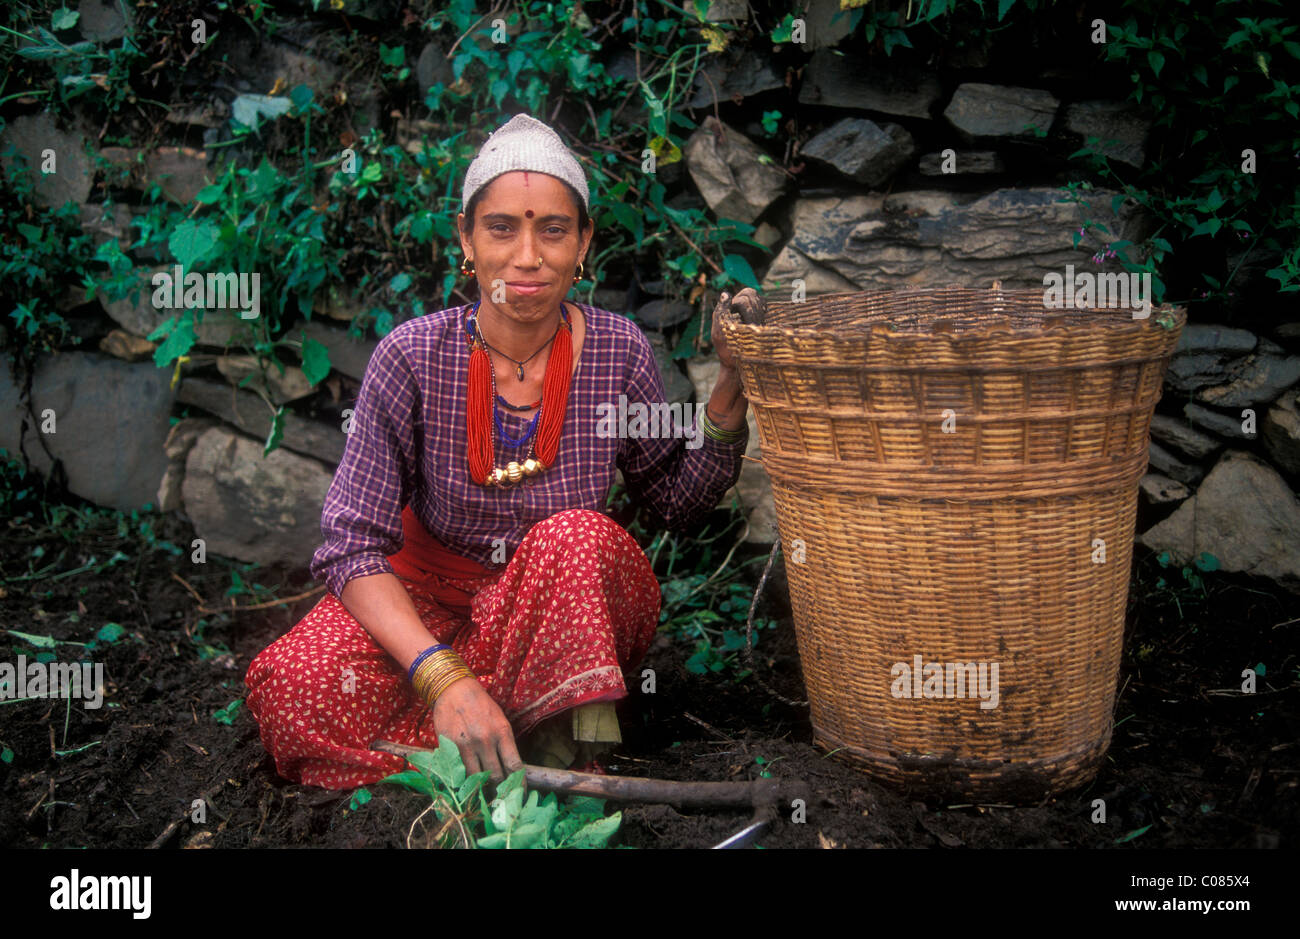 Indische Frau mit Korb auf ihrem Gebiet, Dodi Tal, Volksgruppe der Bhotia, Garhwal Himalaya Kartoffeln ernten Stockbild